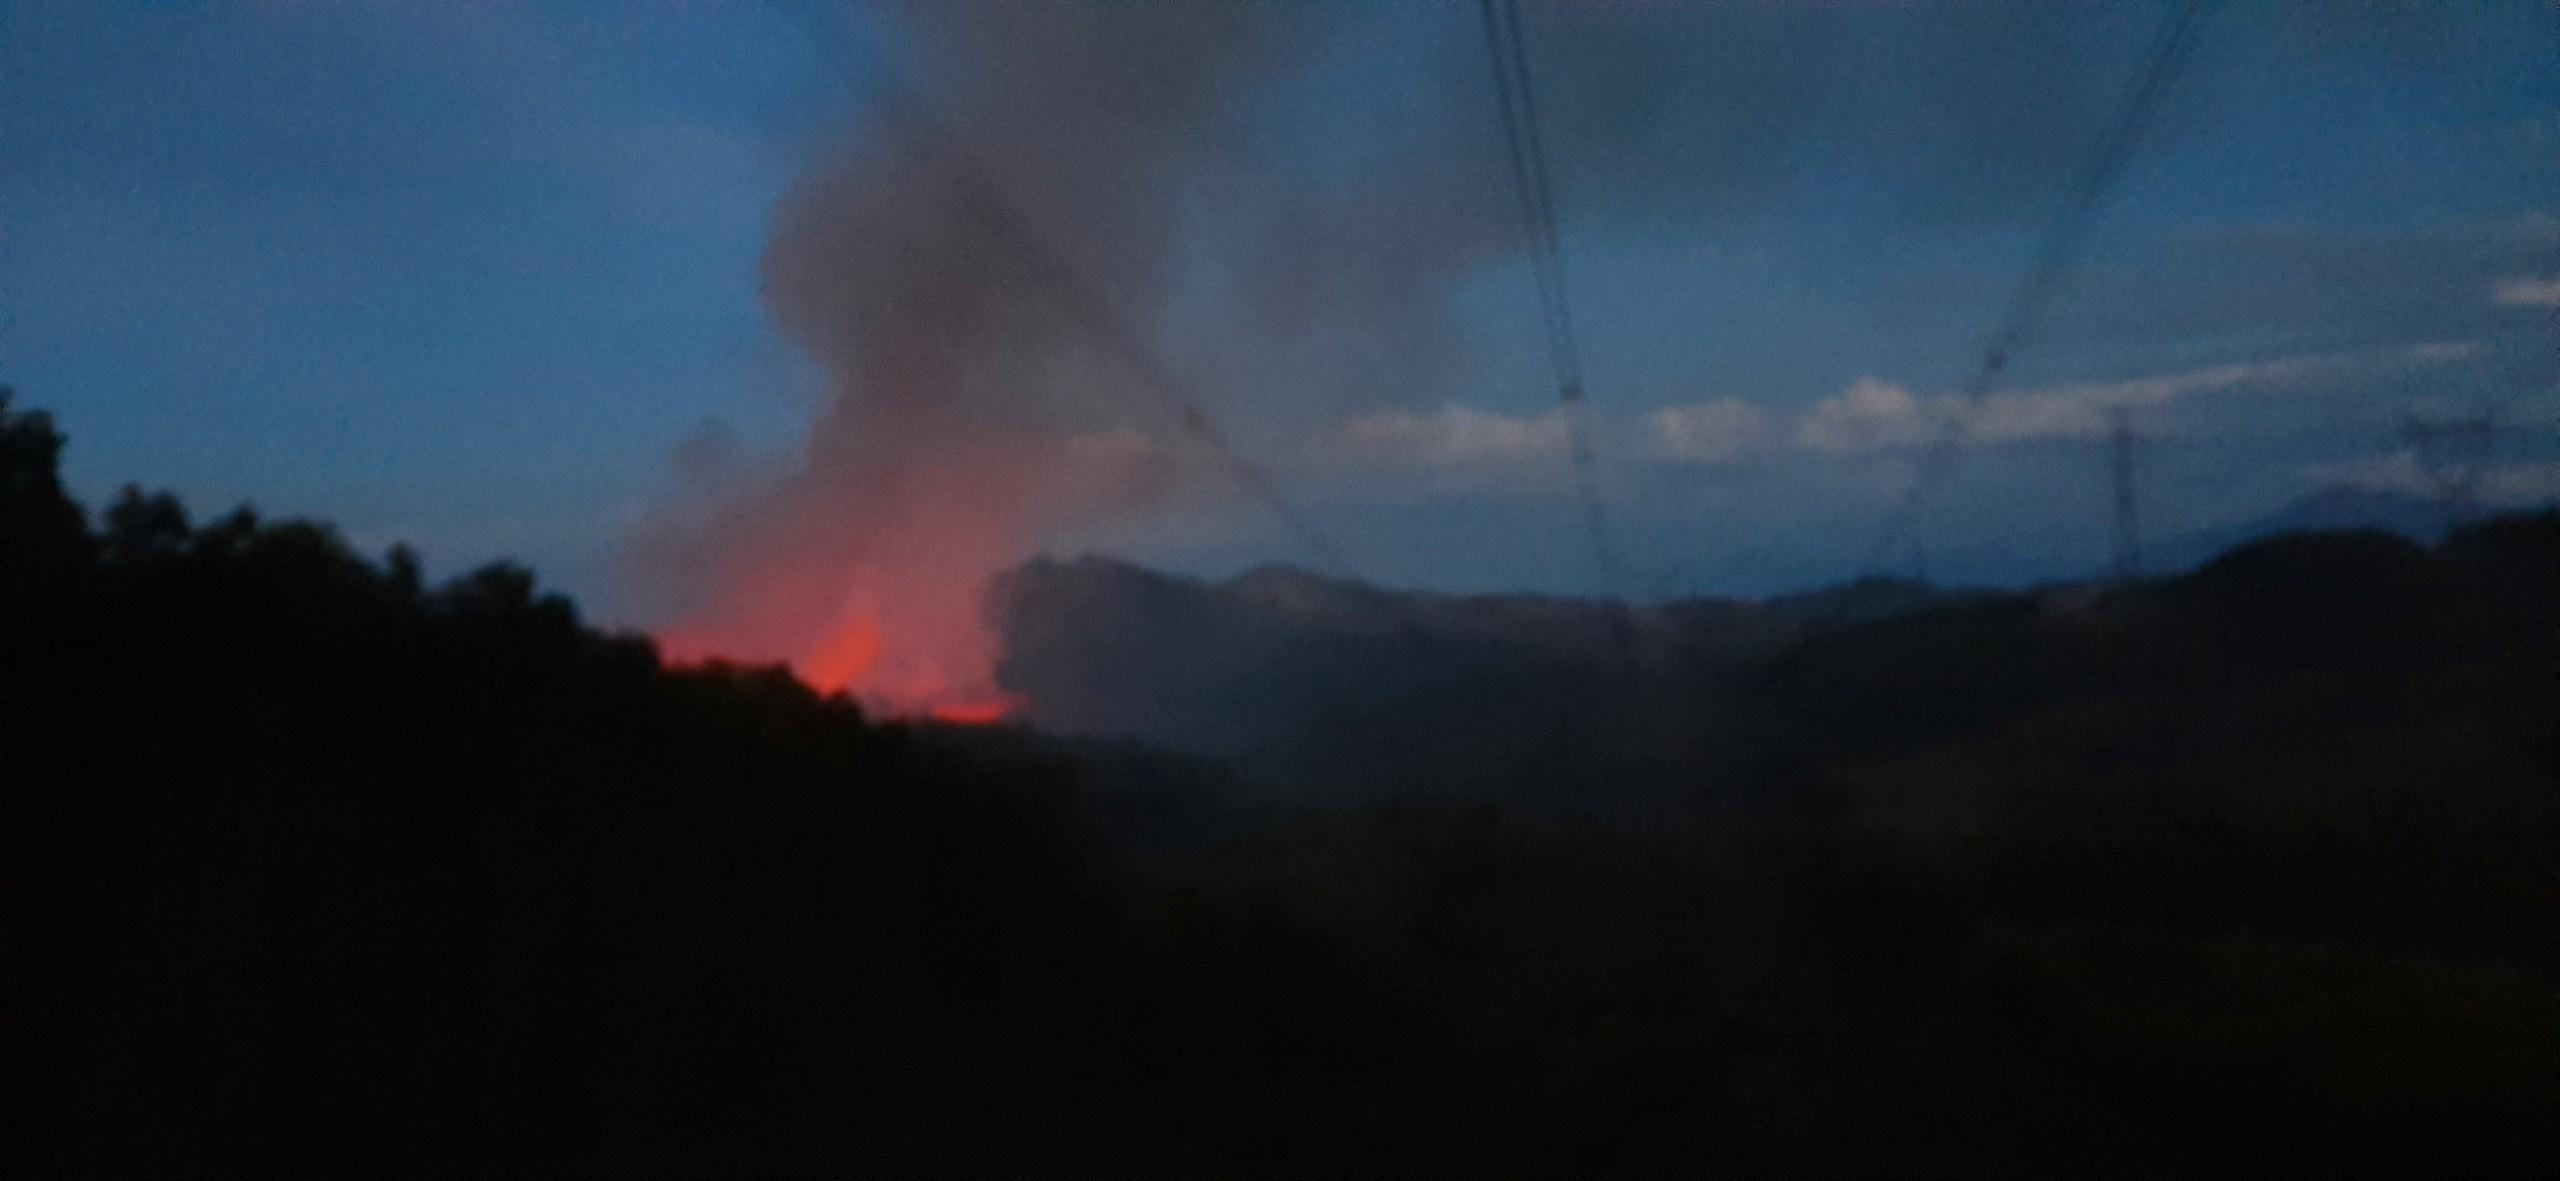 Cháy rừng ở Huế, đường dây điện quốc gia gặp nguy hiểm